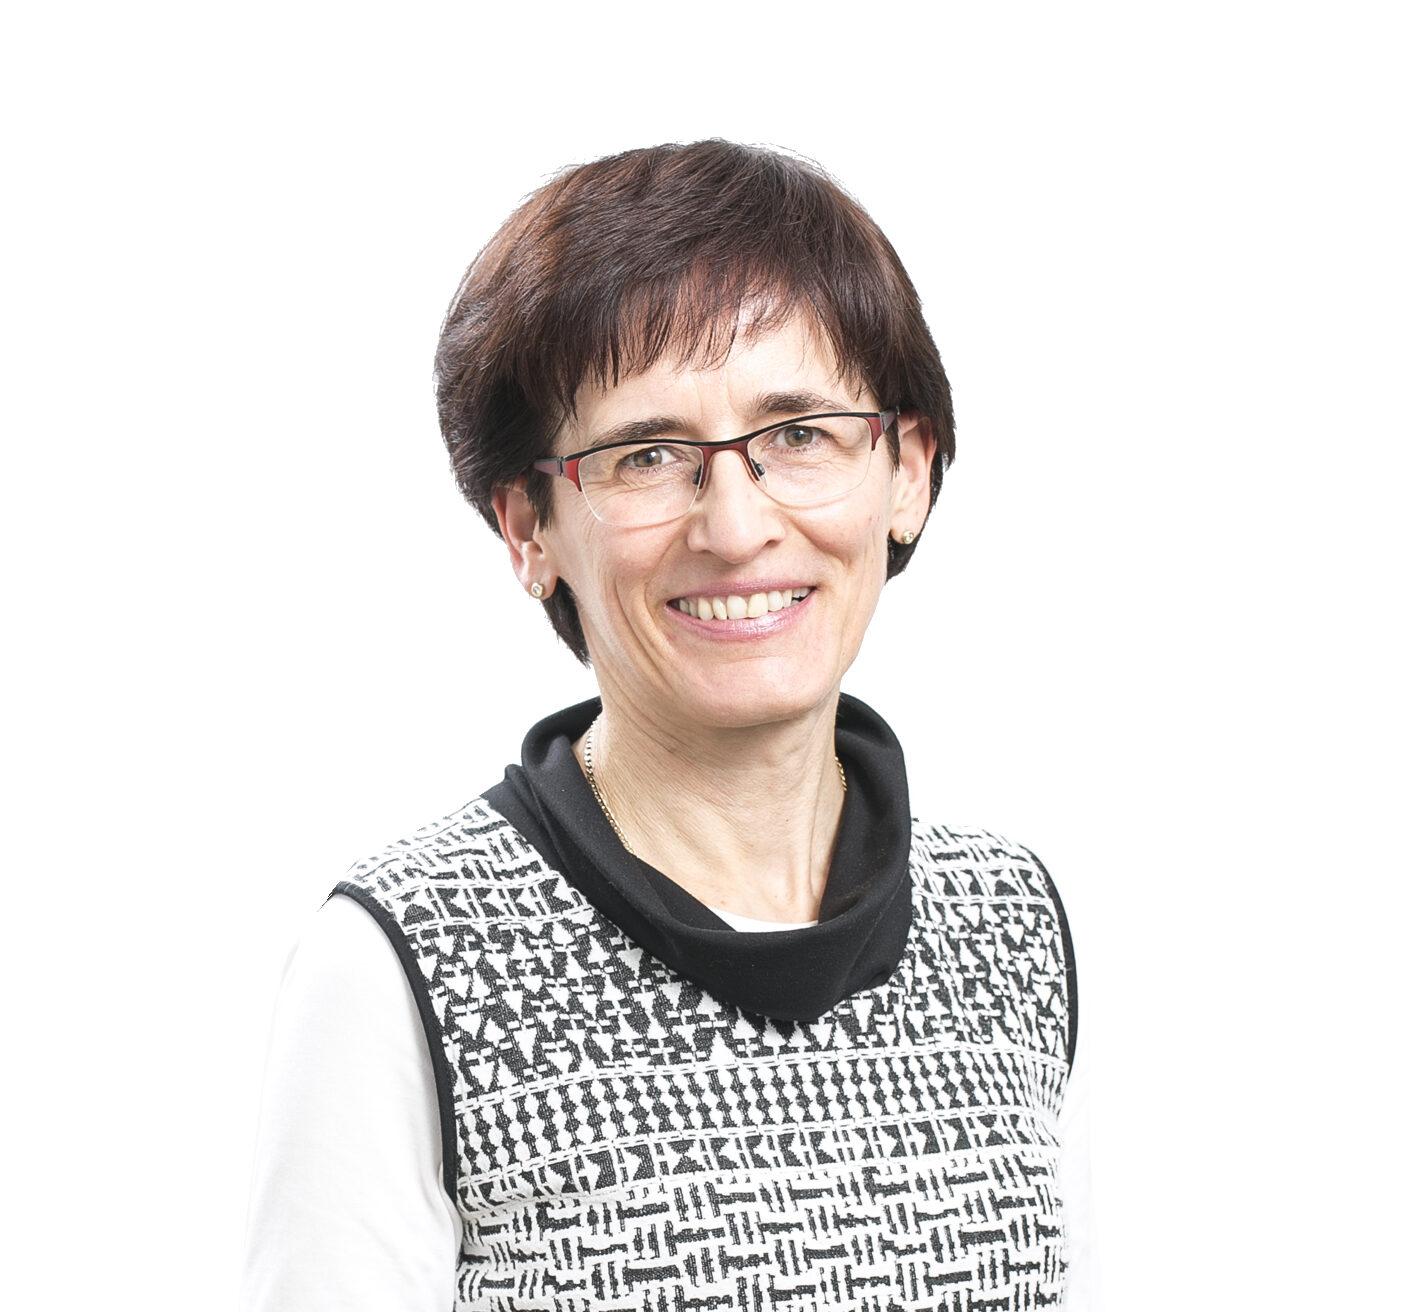 Dr. Milena Igličar